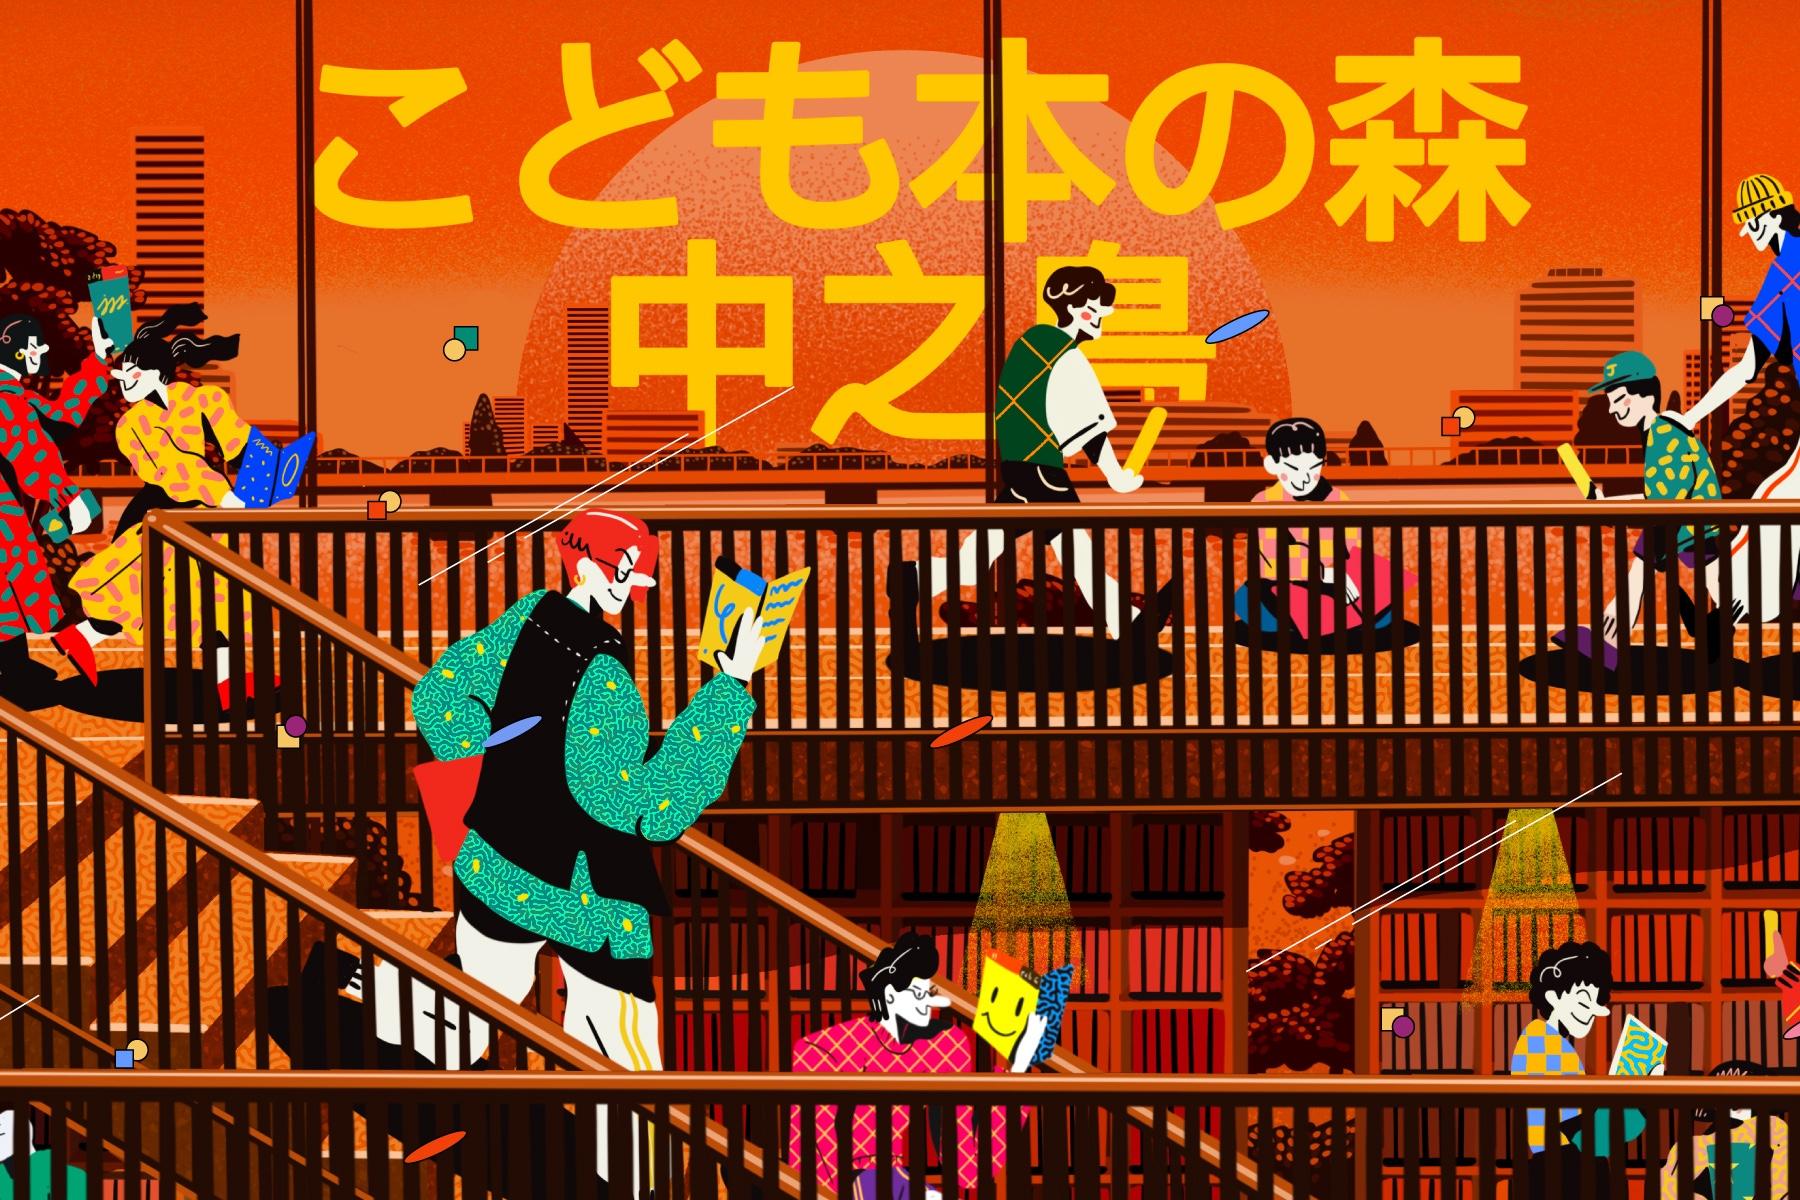 เมื่ออันโดะมอบของขวัญให้เด็กๆ โอซาก้าเป็น Nakanoshima Children's Book Forest